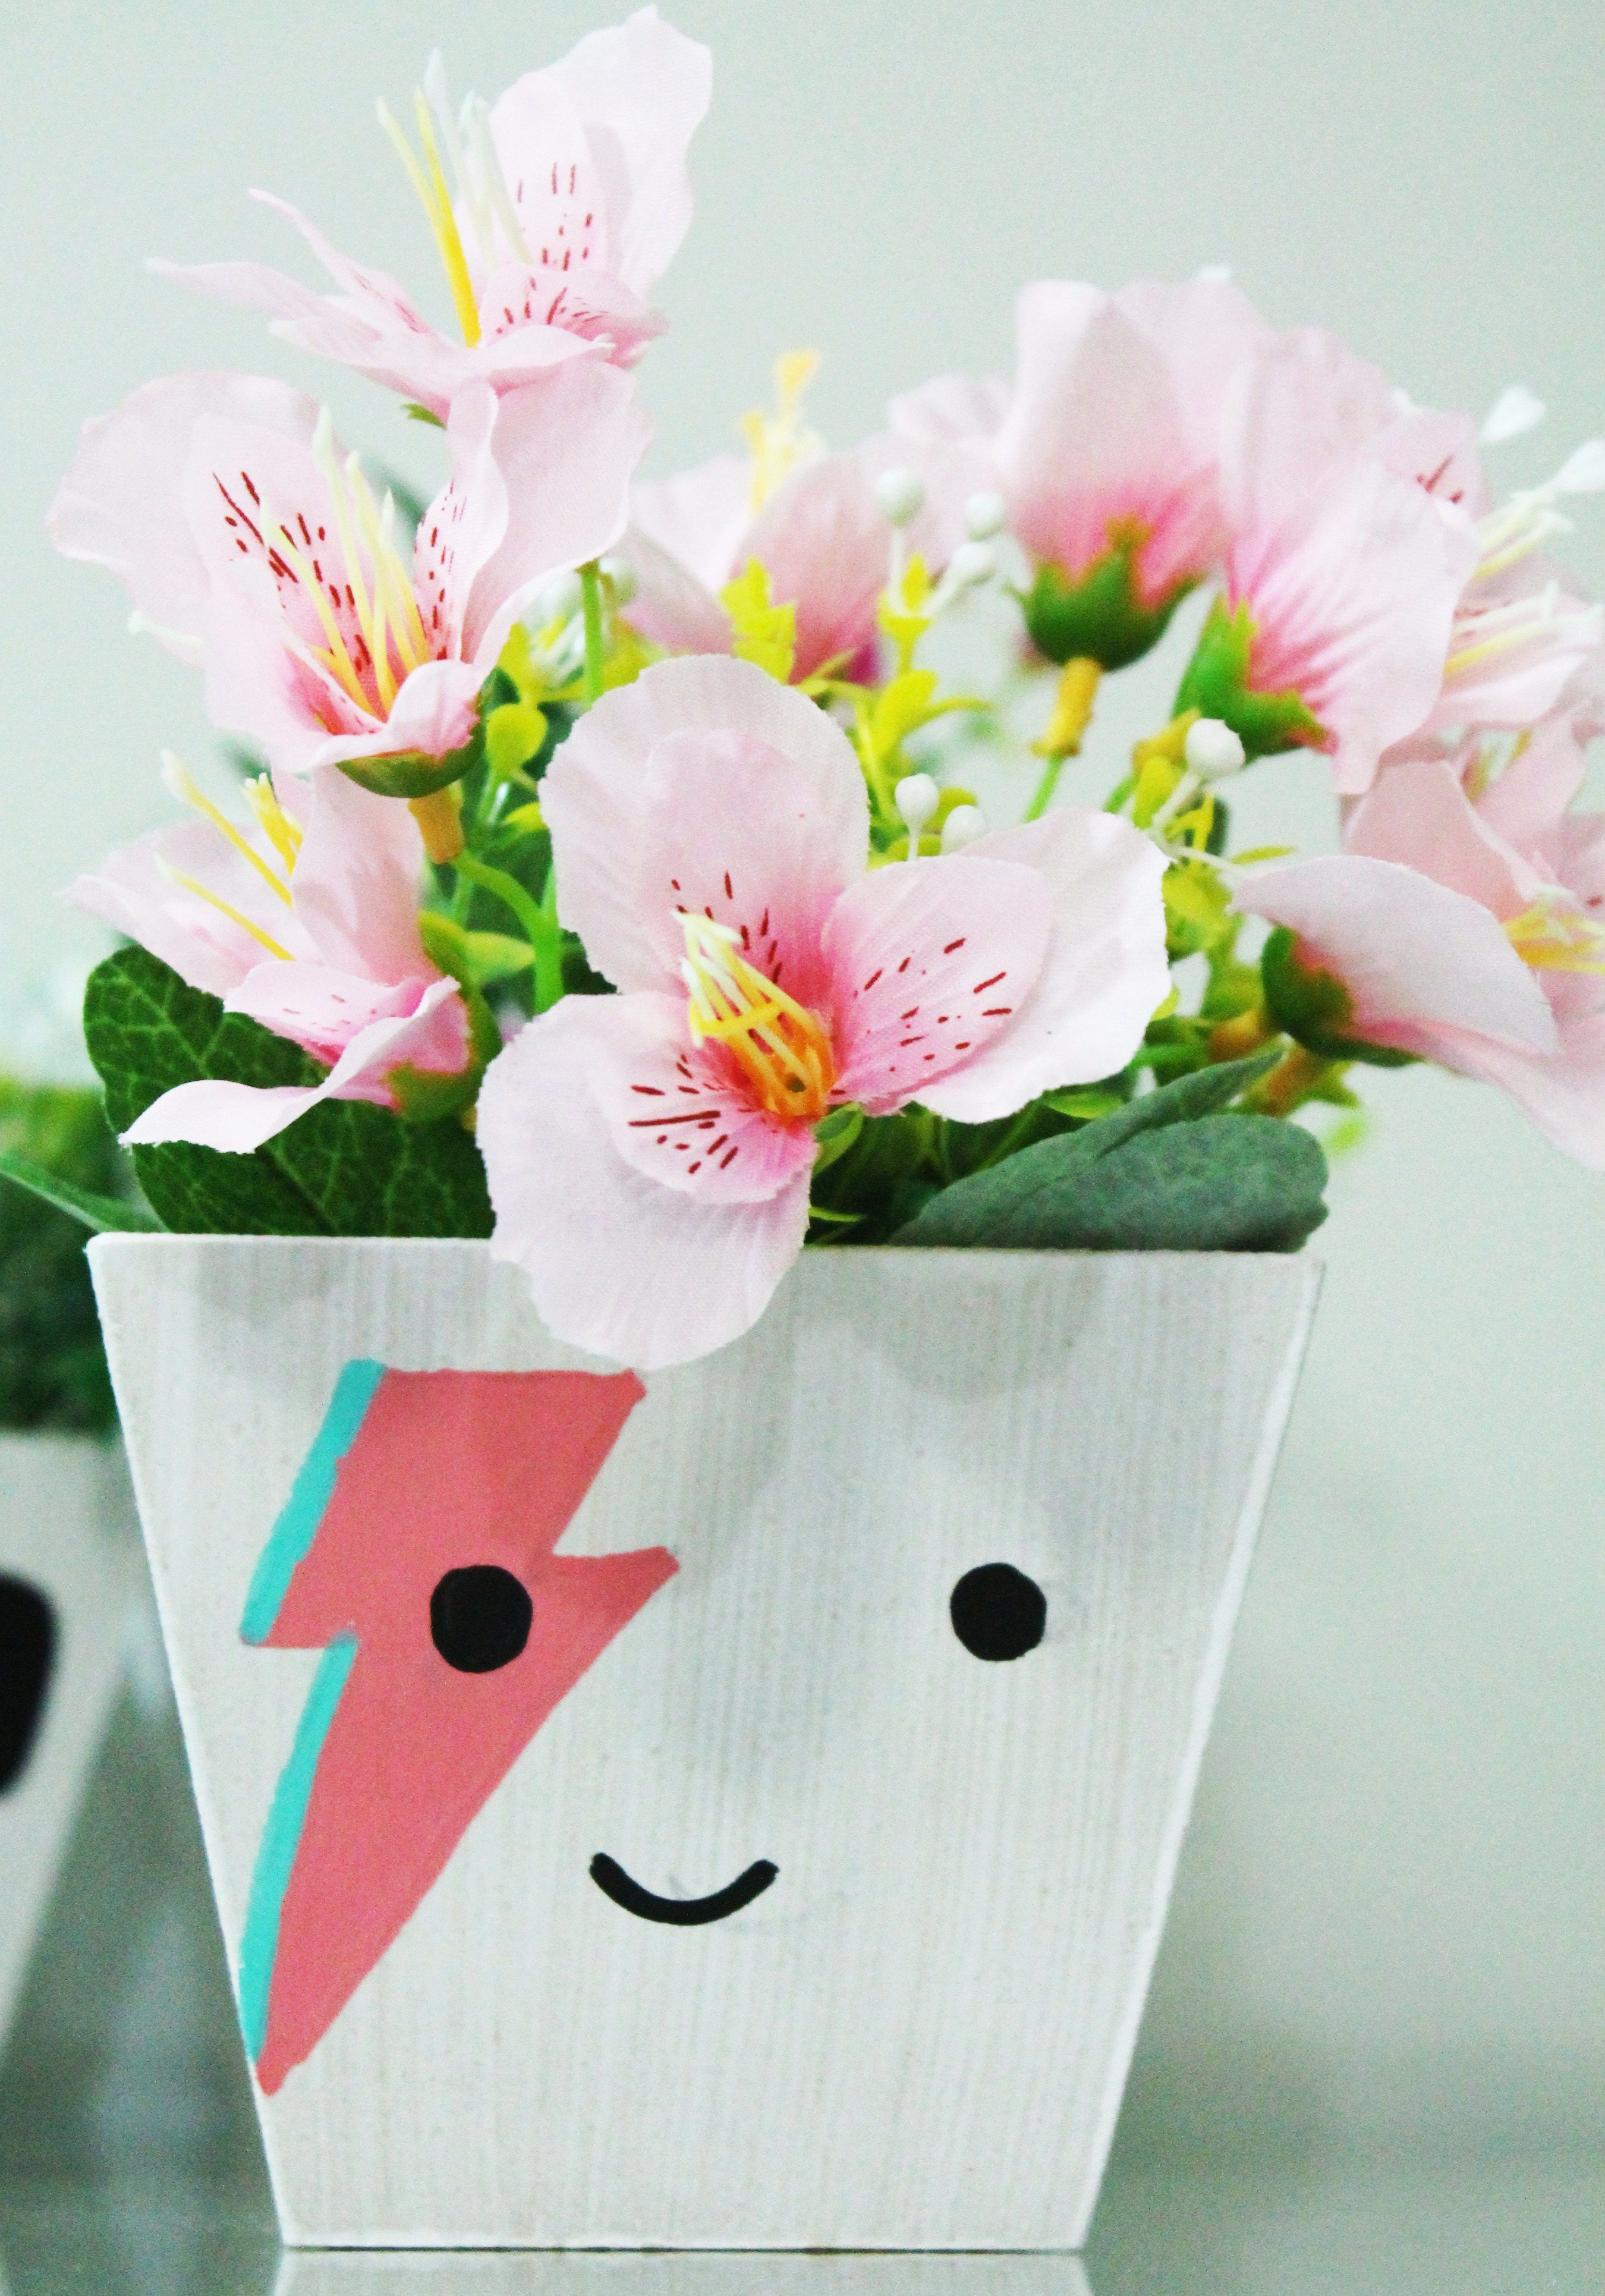 vasos para planta pintados com inspiração no rock and roll: inspire-se para fazer vasos pintados com a cara do Freddie Mercury, David Bowie e Gene Simmons